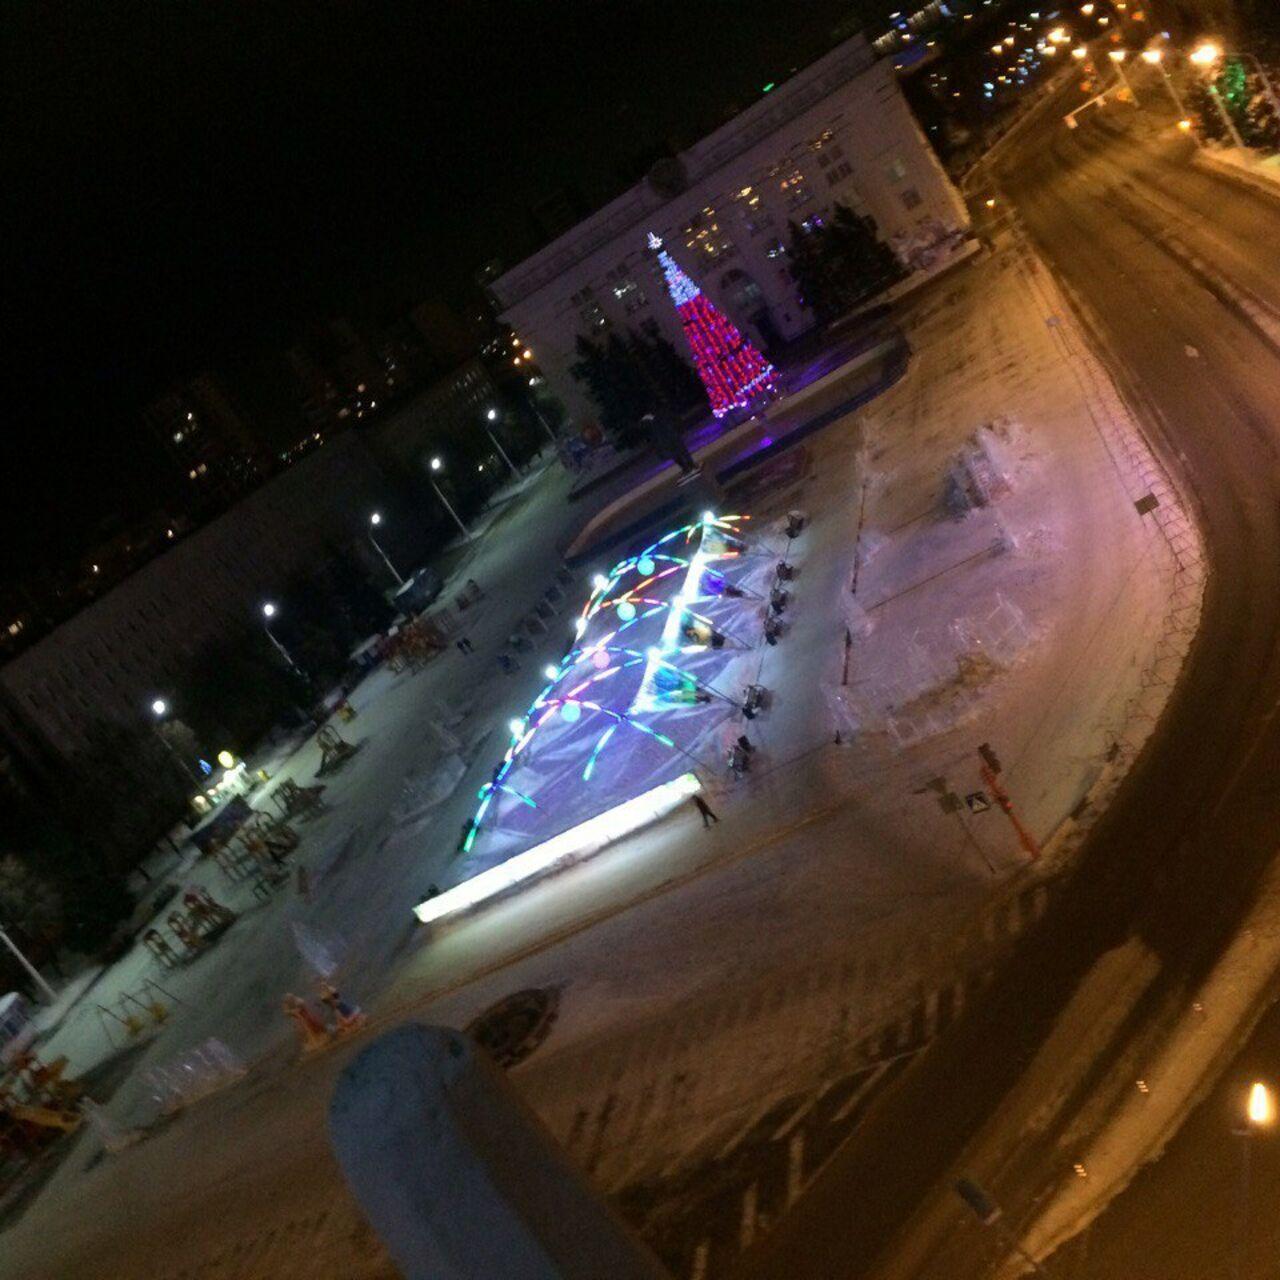 ВКемерово ищут молодых людей, разместивших вглобальной паутине селфи накрыше здания